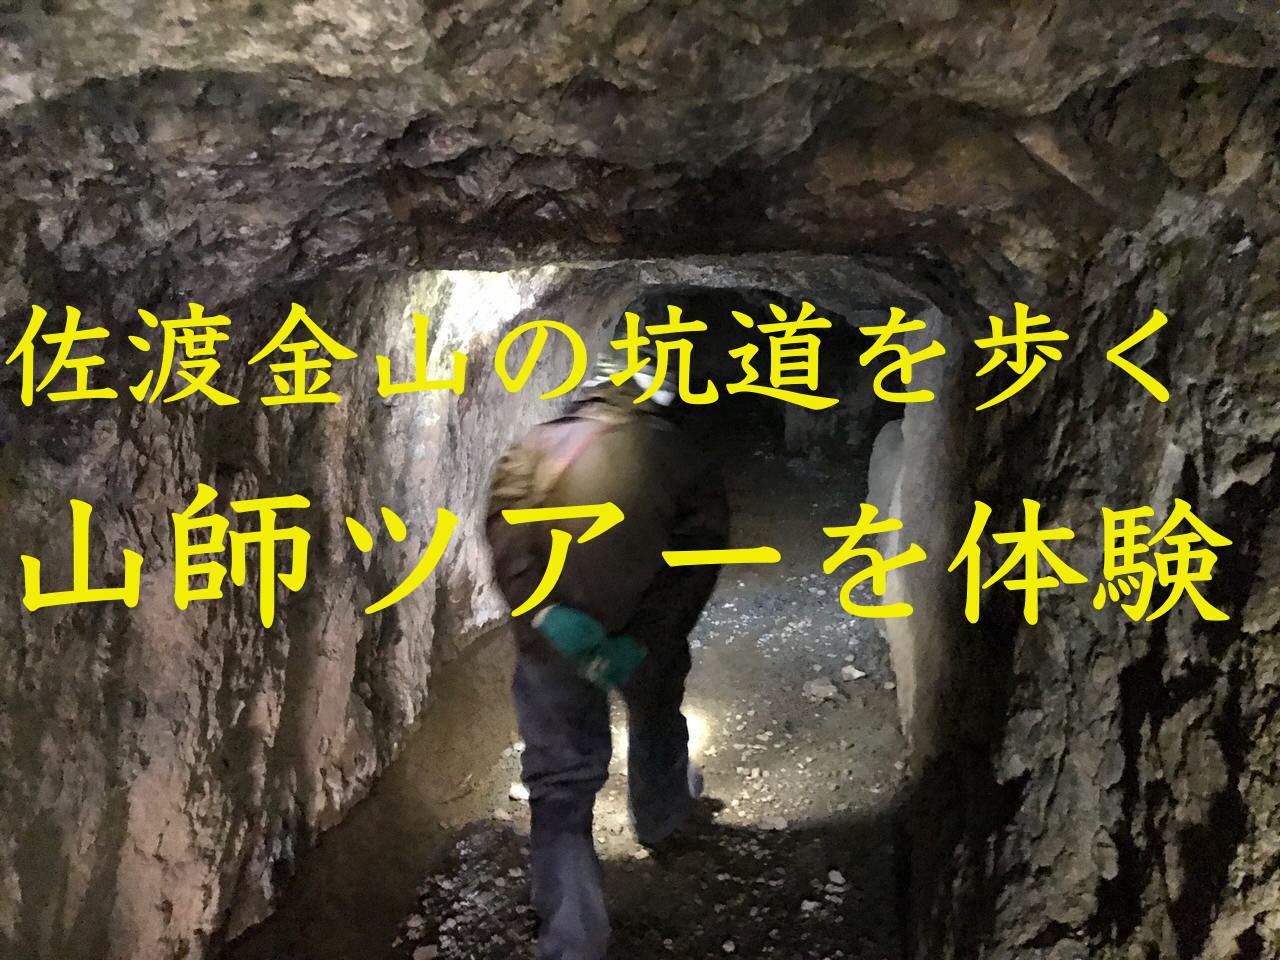 【史跡佐渡金山】懐中電灯の光を頼りに「山師ツアー」闇の坑道を歩く 〜「北沢浮遊選鉱場」「大間港」も【PR】